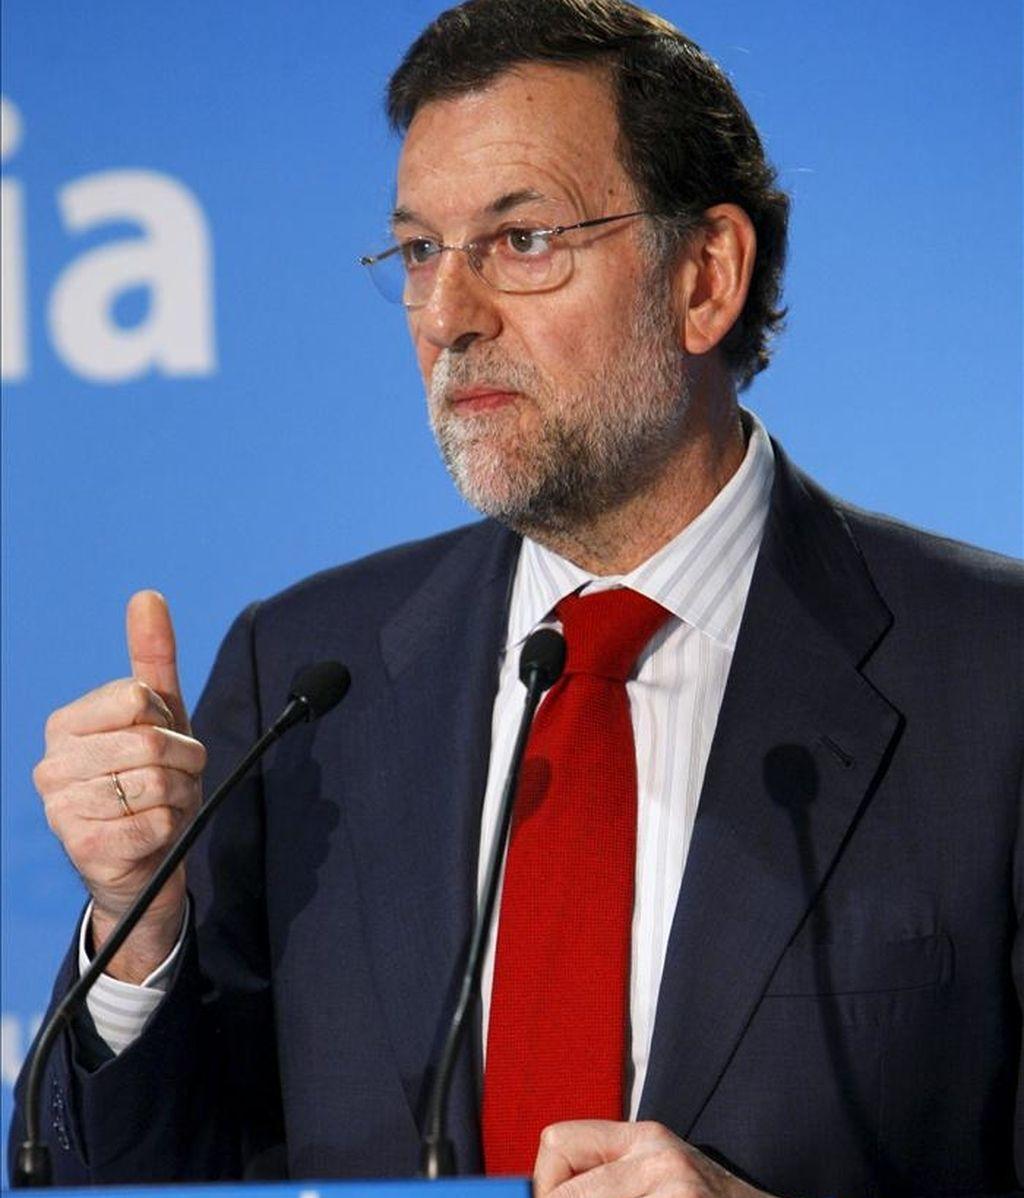 El presidente del PP, Mariano Rajoy, clausuró hoy unas jornadas sobre Europa, organizadas por esta fuerza política, en un acto en el que intervinieron ambién Alberto Ruiz Gallardón, Esperanza Aguirre y Jaime Mayor Oreja. EFE